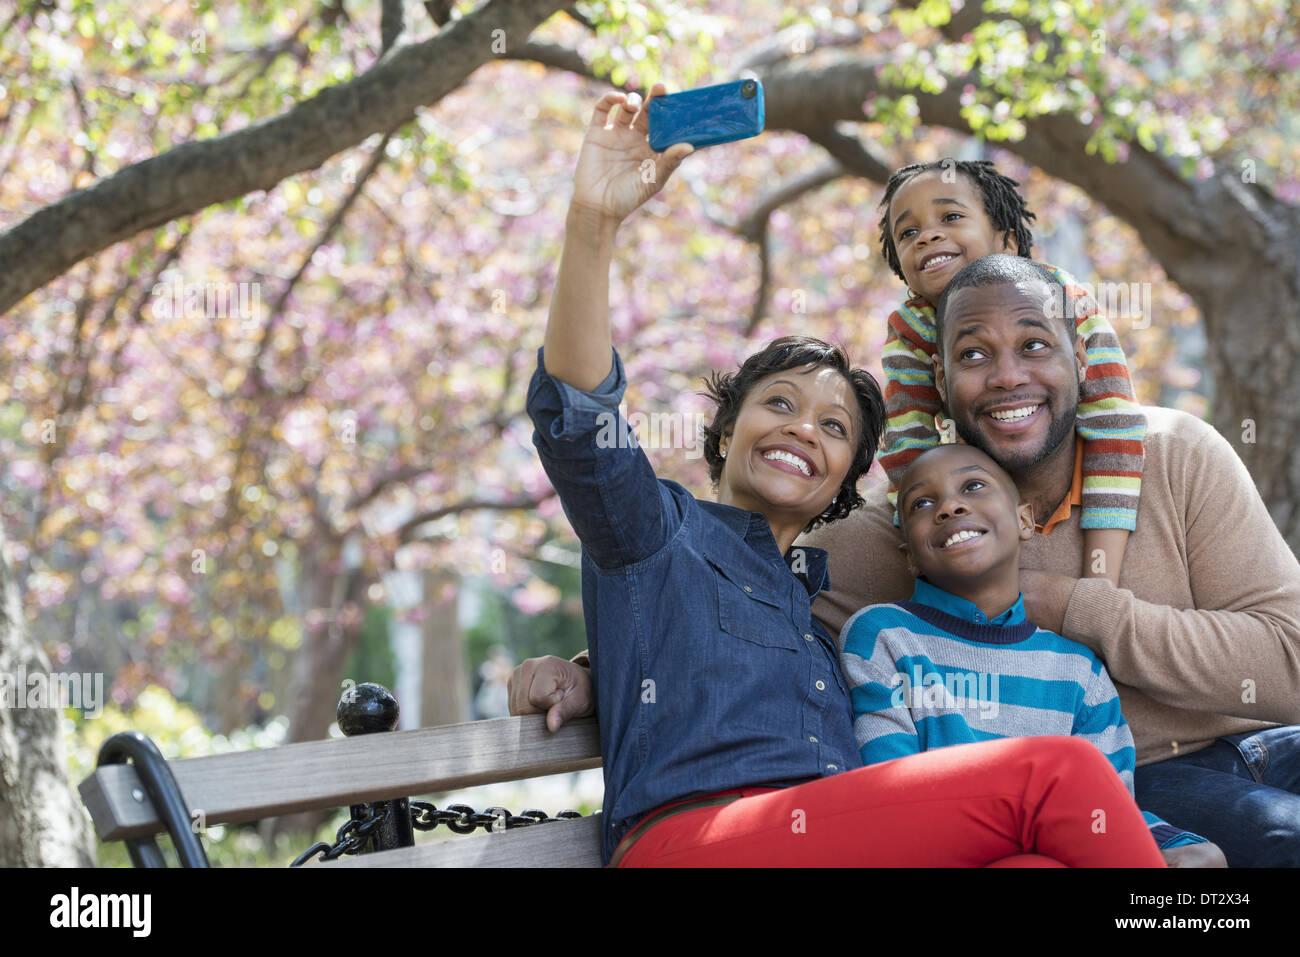 Kirschblüte A Frau selfy fotografieren mit ihrem Smartphone ihrer Familie Stockbild